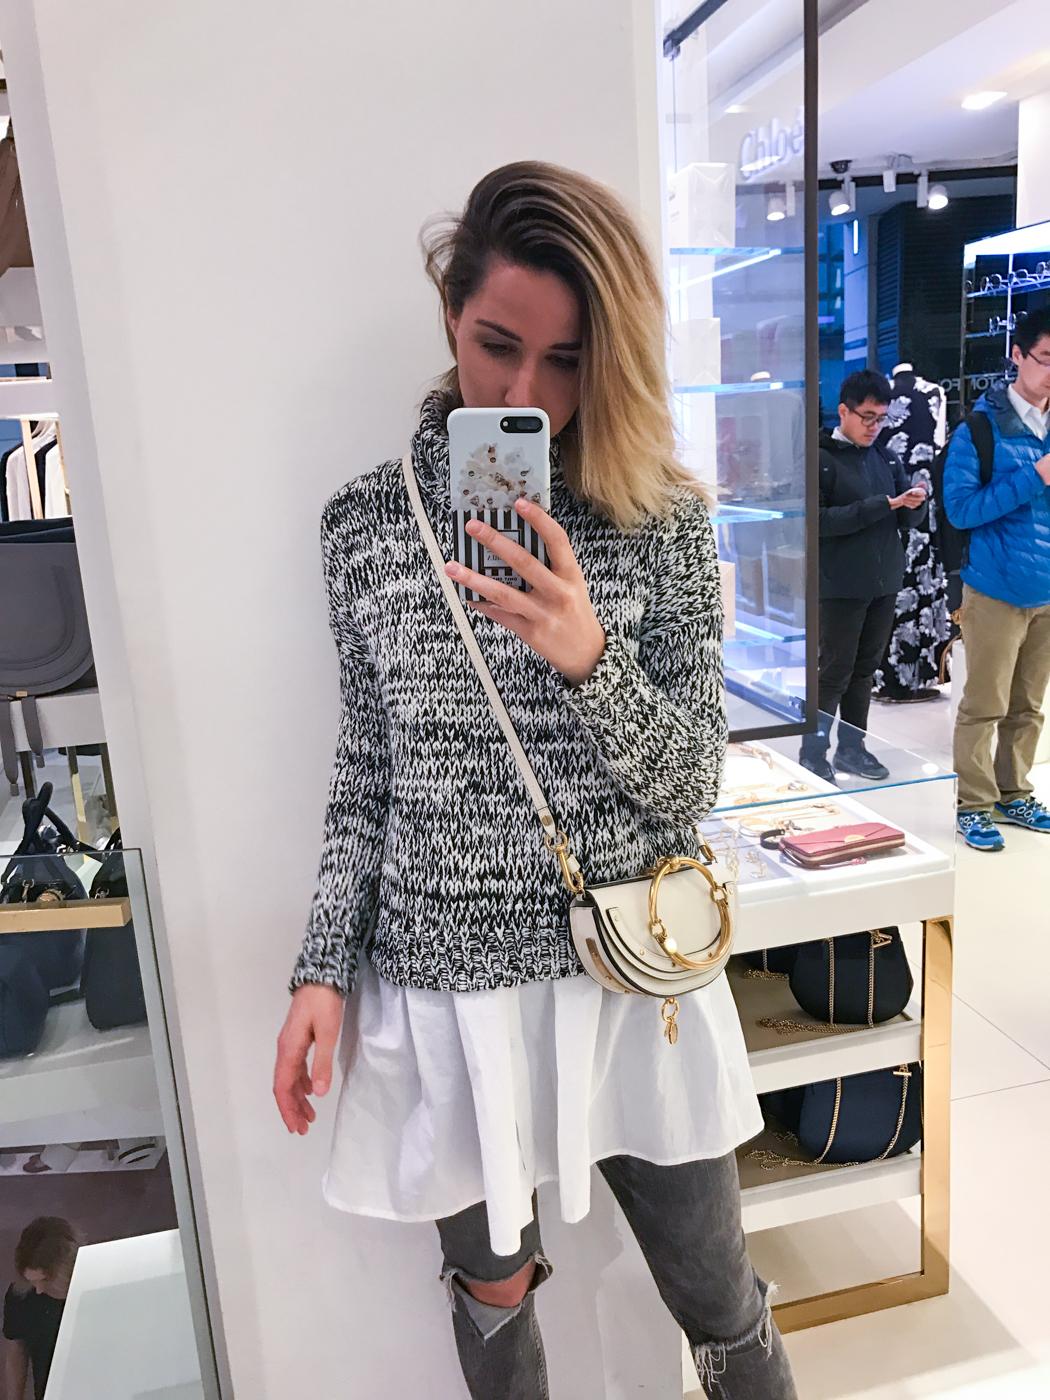 Lifestyleblog-Lifestyleblogger-Lifestyle-Blog-Blogger-Muenchen-Deutschland-Lindarella-6